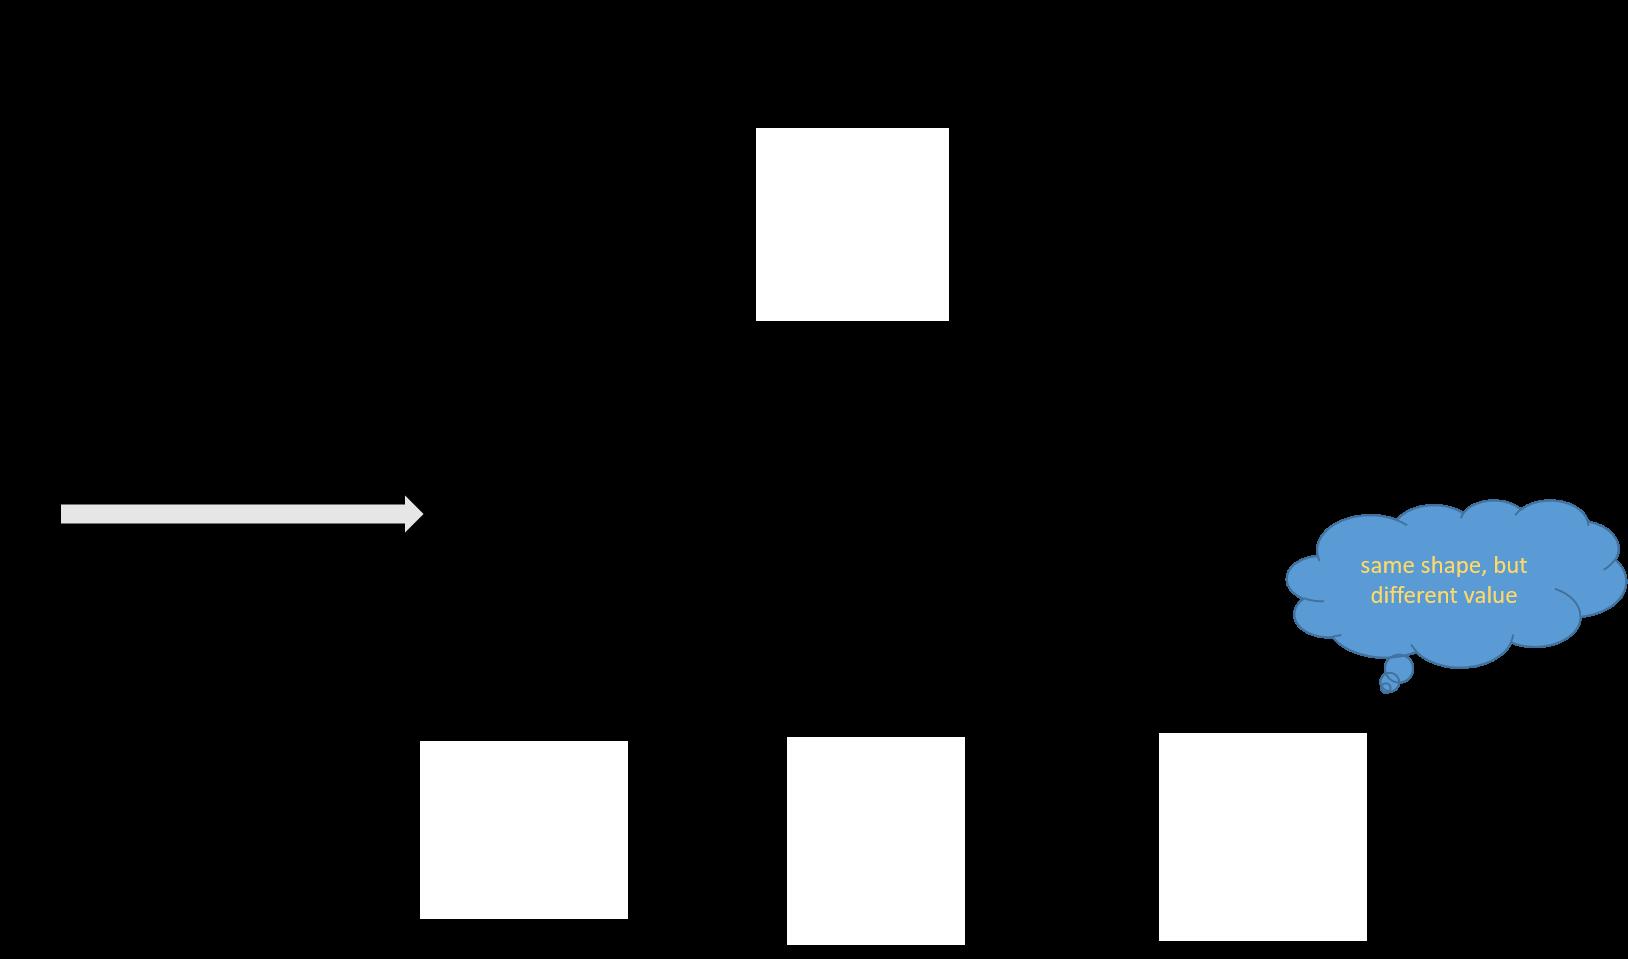 tensorflow mobilenet-v2 support · Issue #153 · microsoft